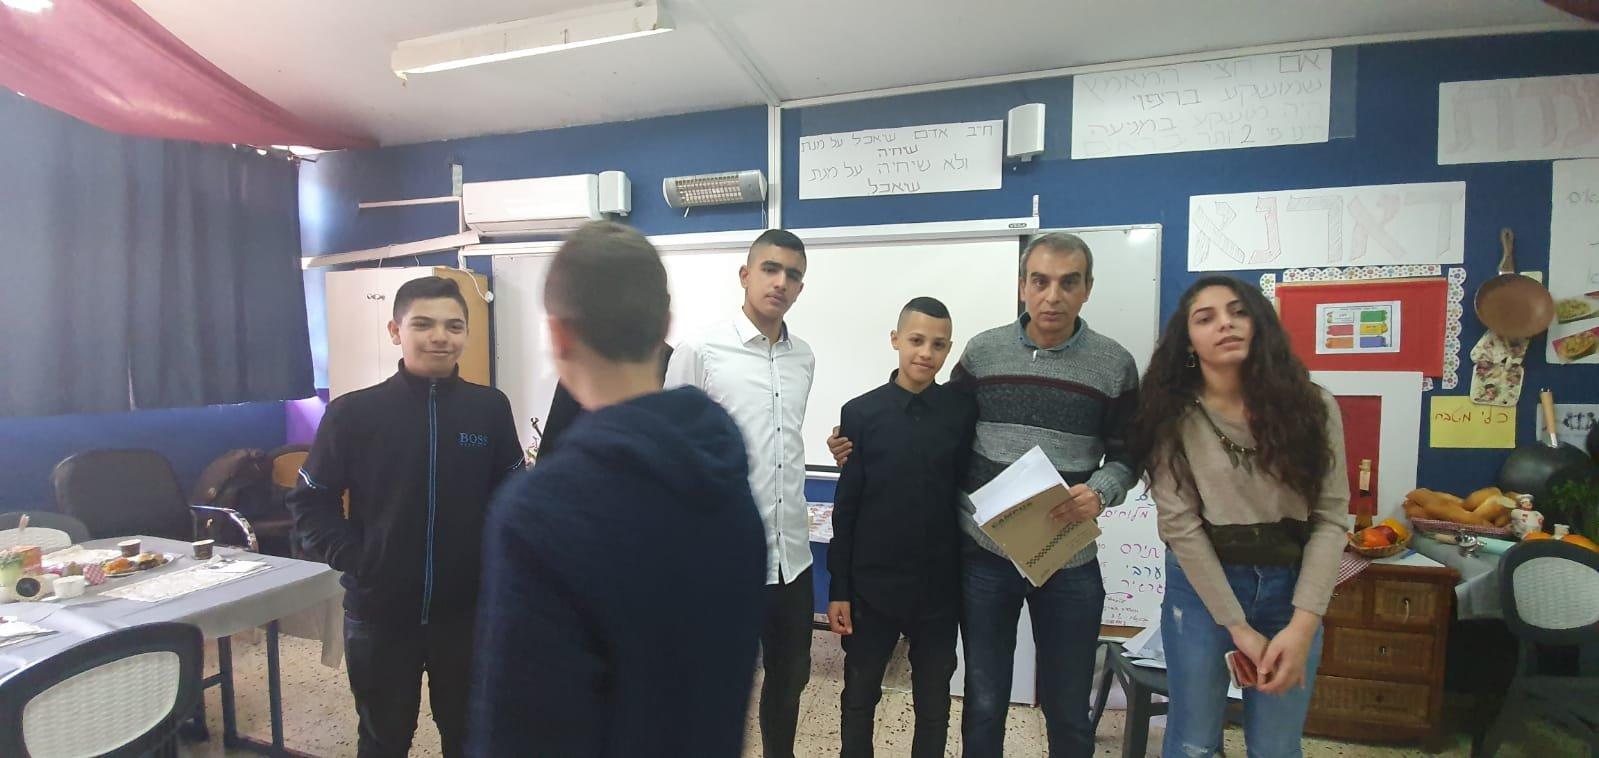 عرس تربويّ نسوري للُّغة العبريَّة في مَدرسة وادي النُّسور الإعداديَّة – أم الفَحم